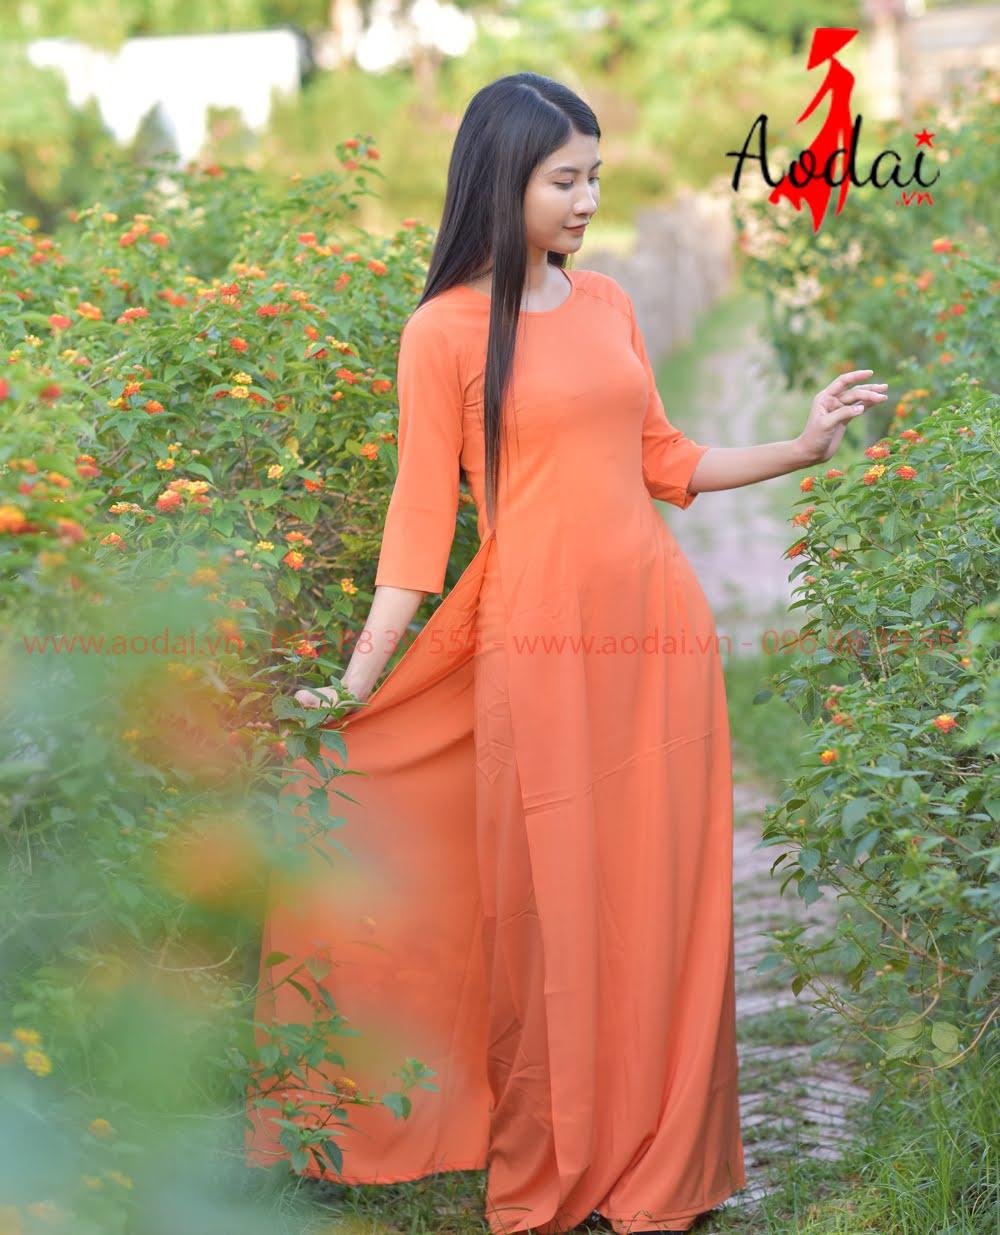 May áo dài tại Lai Châu